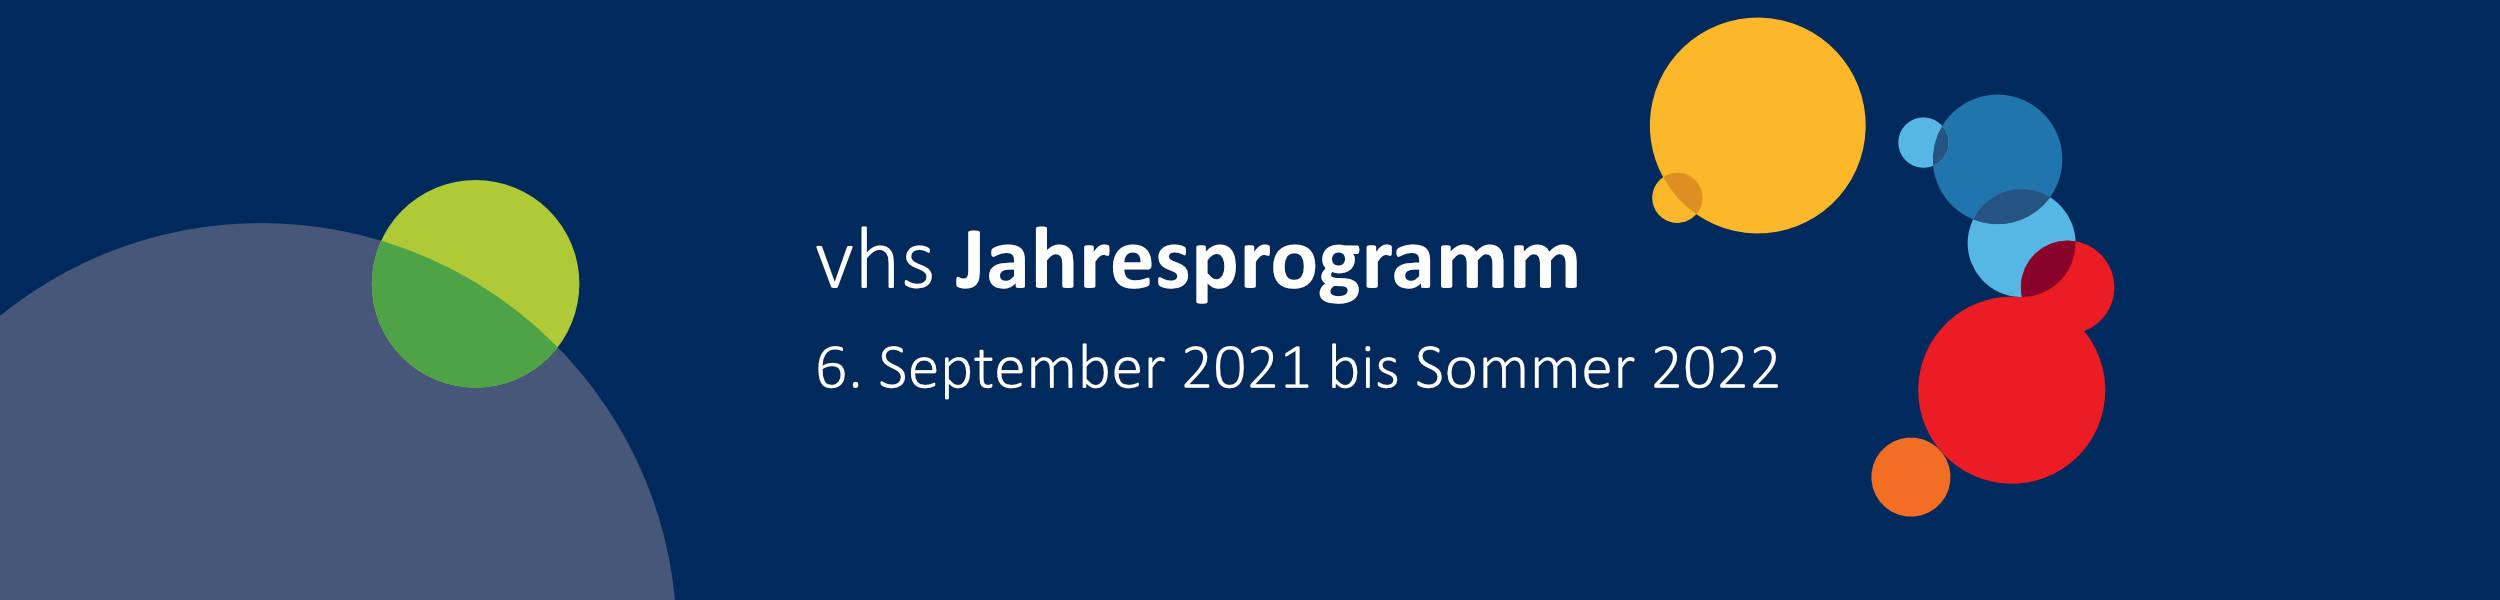 vhs Jahresprogramm 2021 und 2022